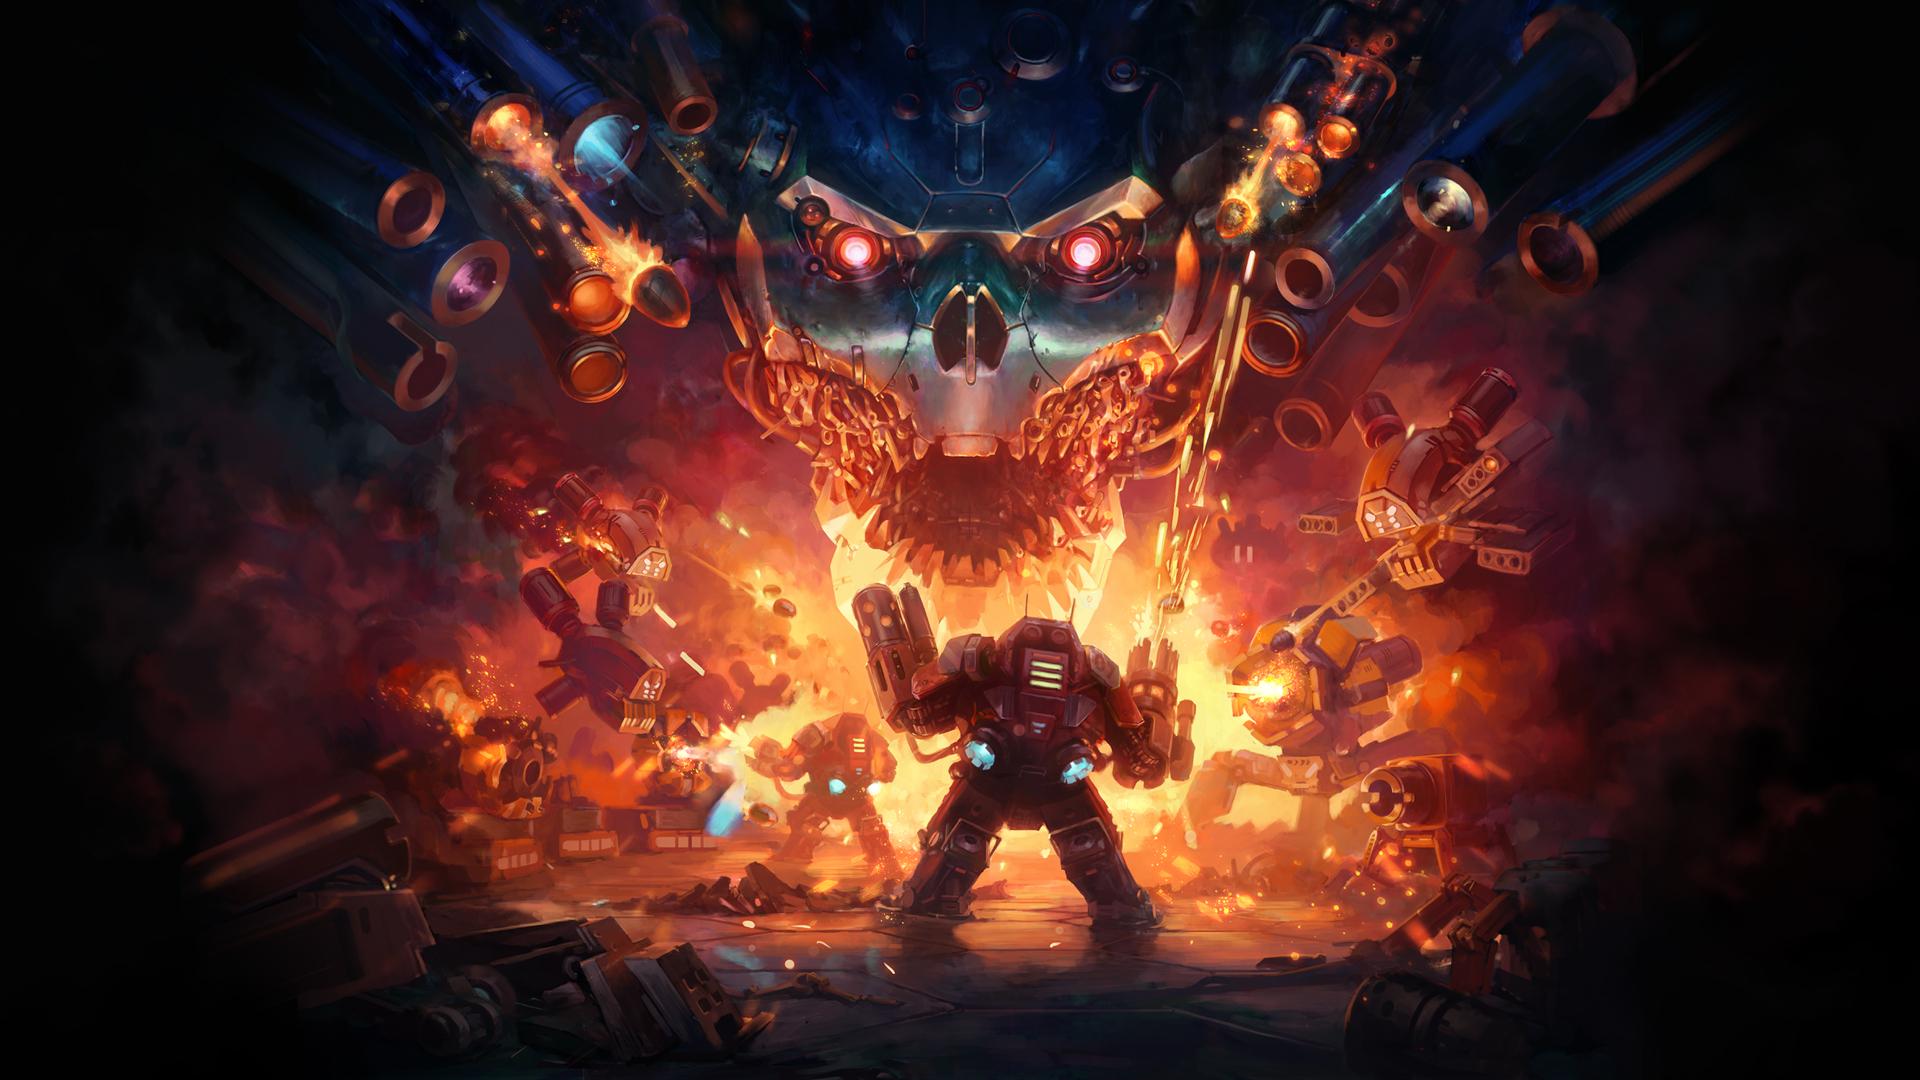 Вышел шутер Mothergunship, в котором игроки должны освободить Землю от роботов-оккупантов